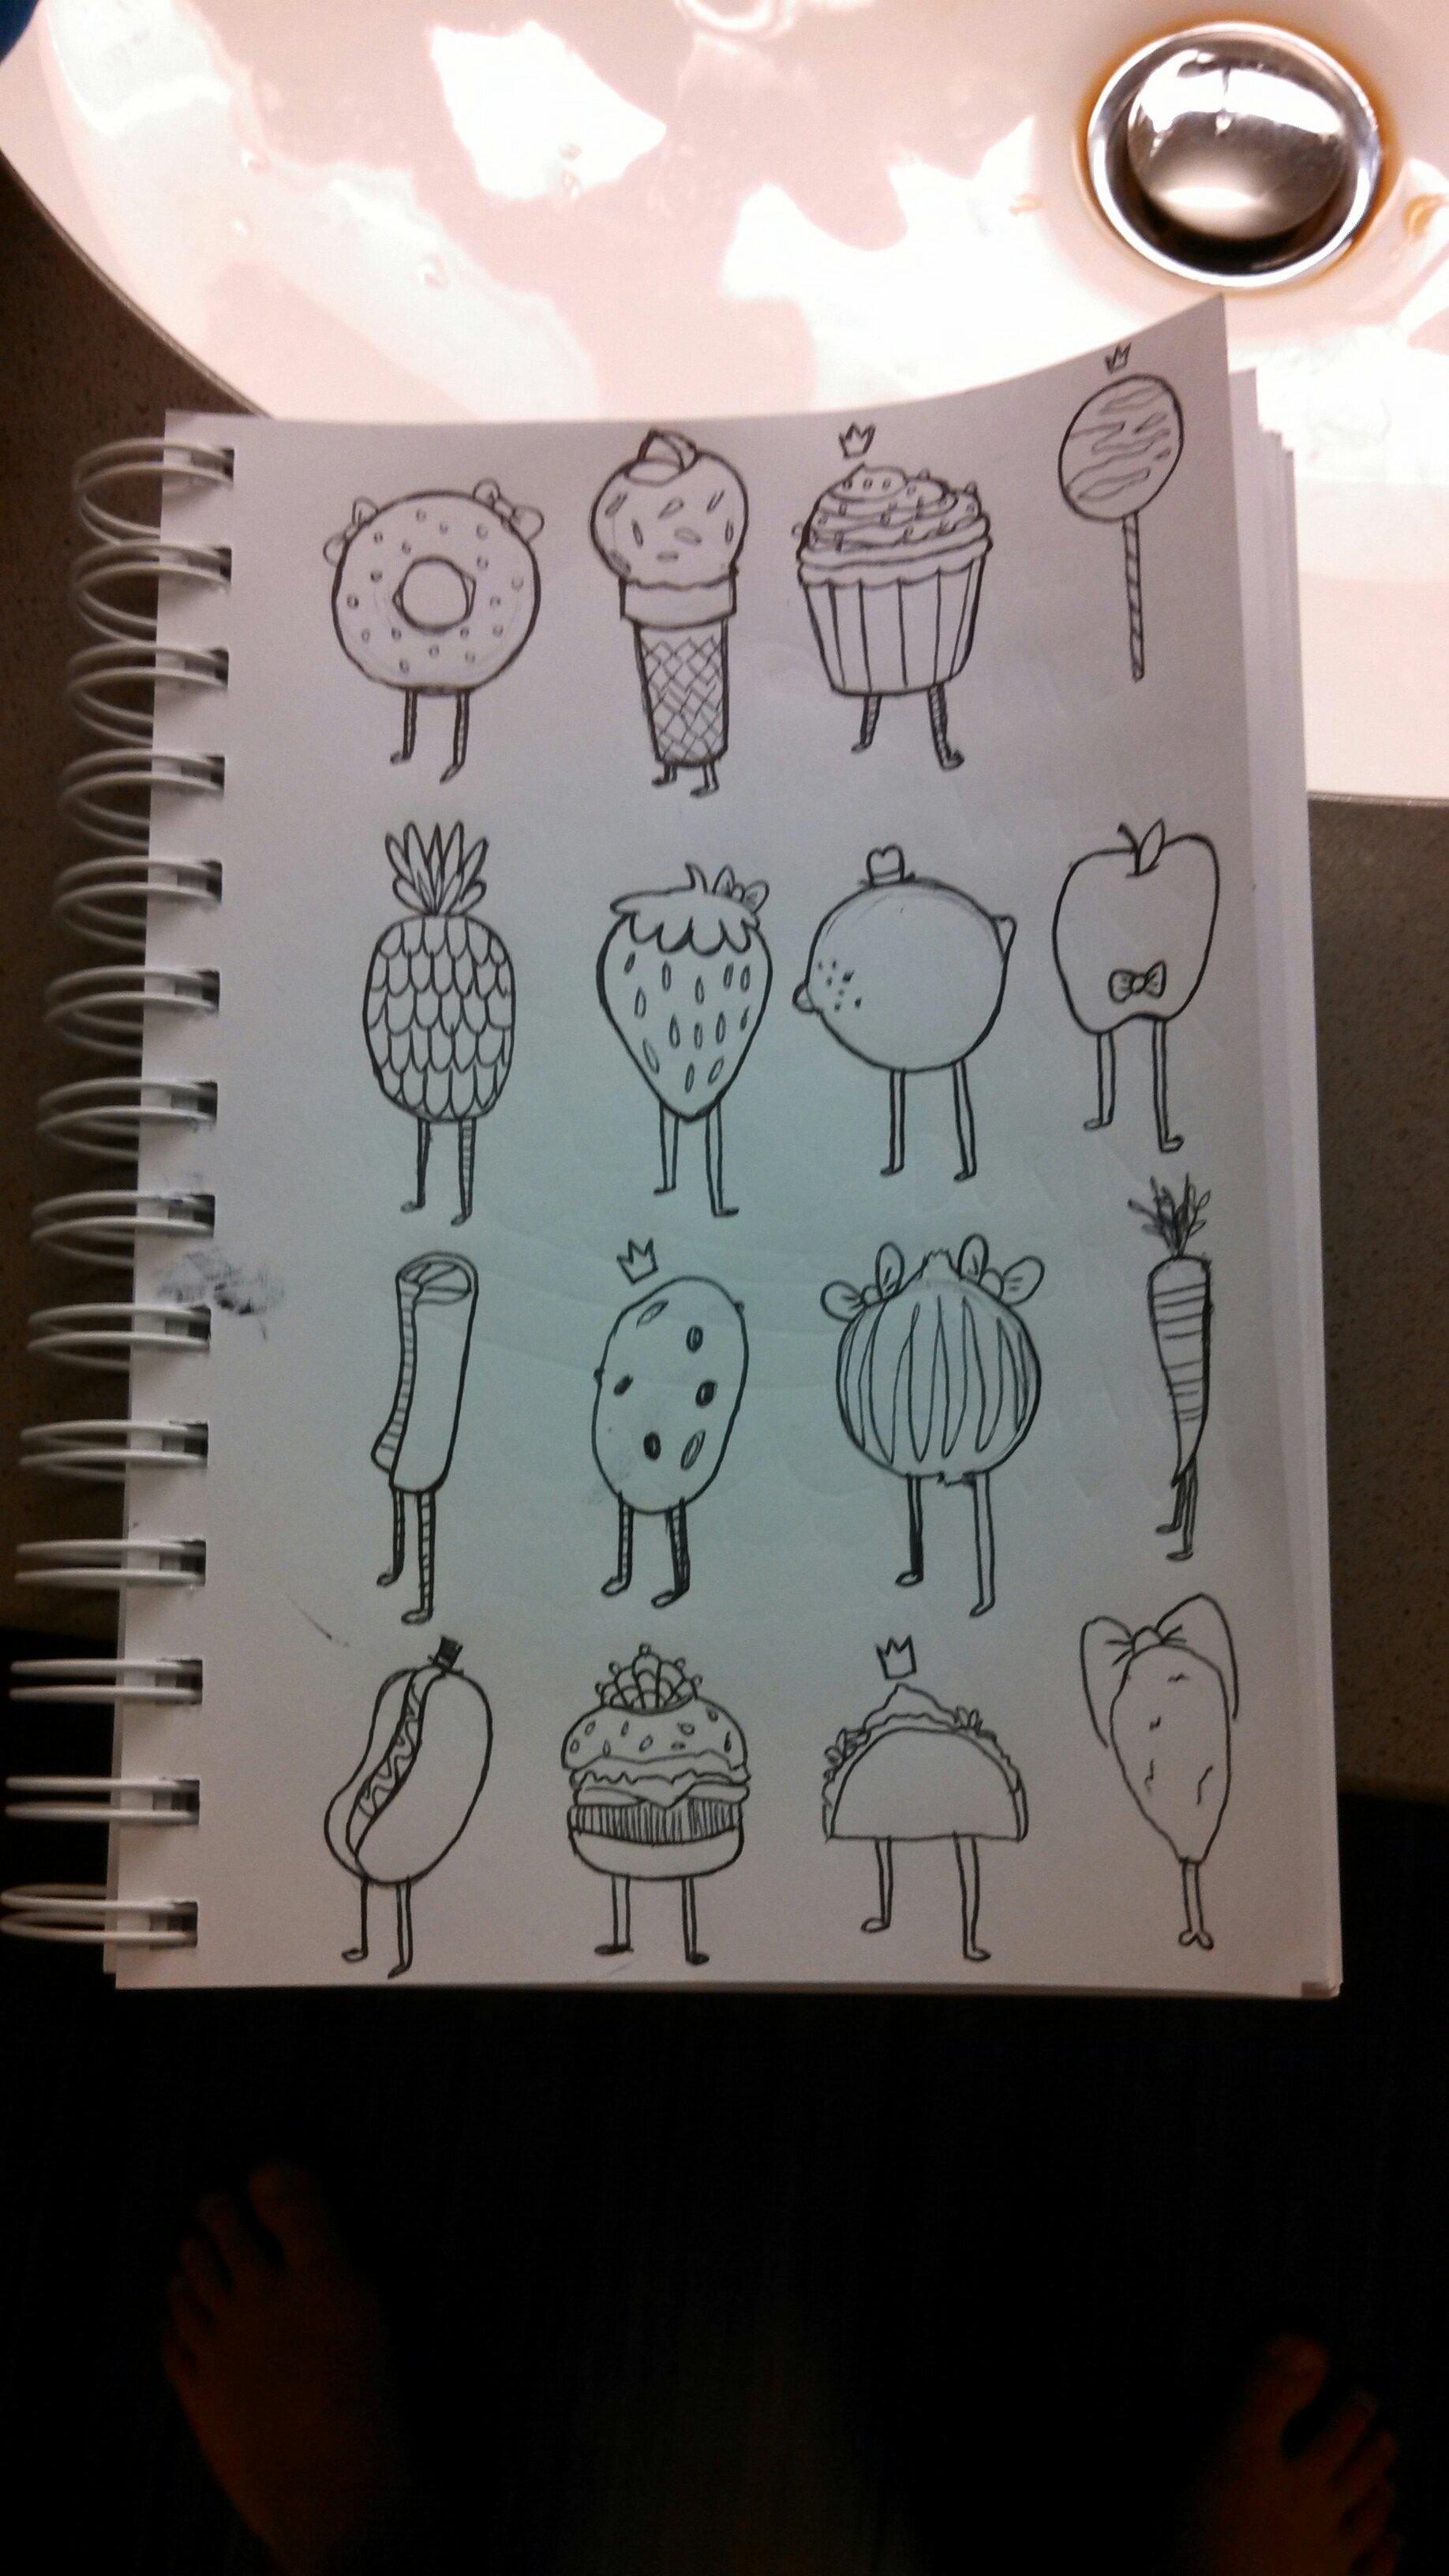 A sketchy sketch.